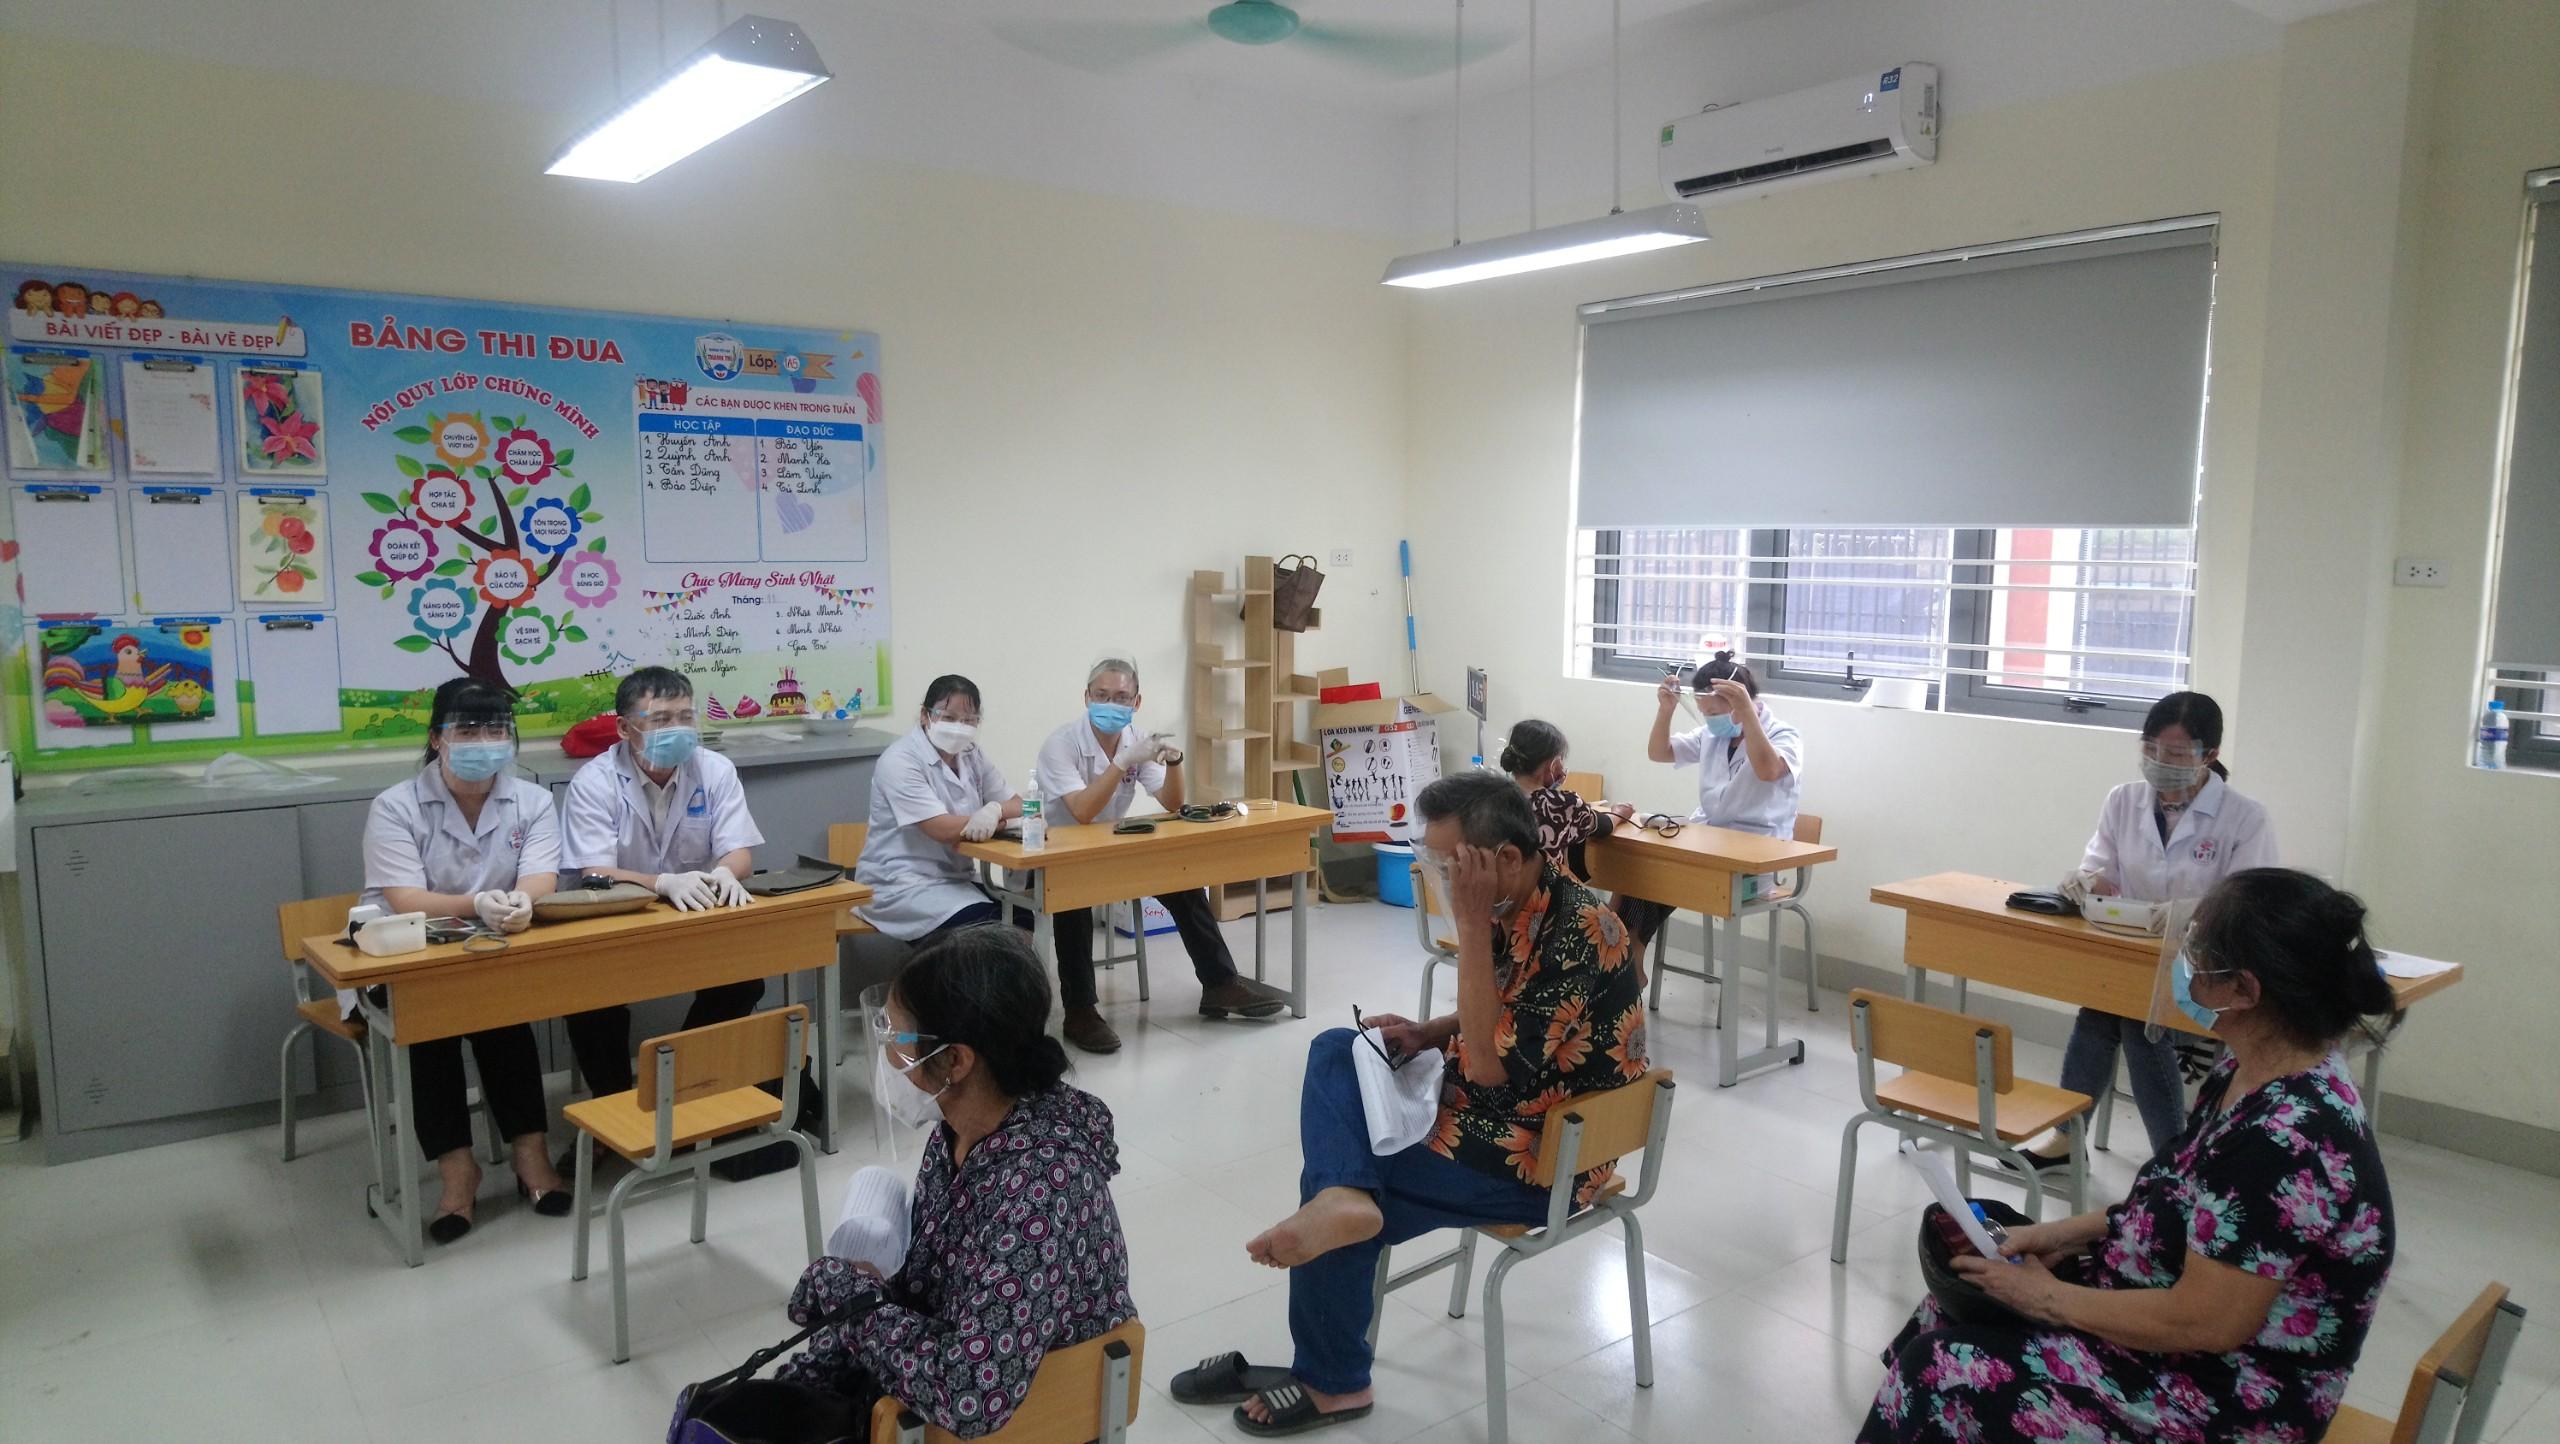 Trường Trung cấp Y Dược Tuệ Tĩnh  Hà Nội hỗ trợ chiến dịch tiêm chủng Quận Hoàng Mai